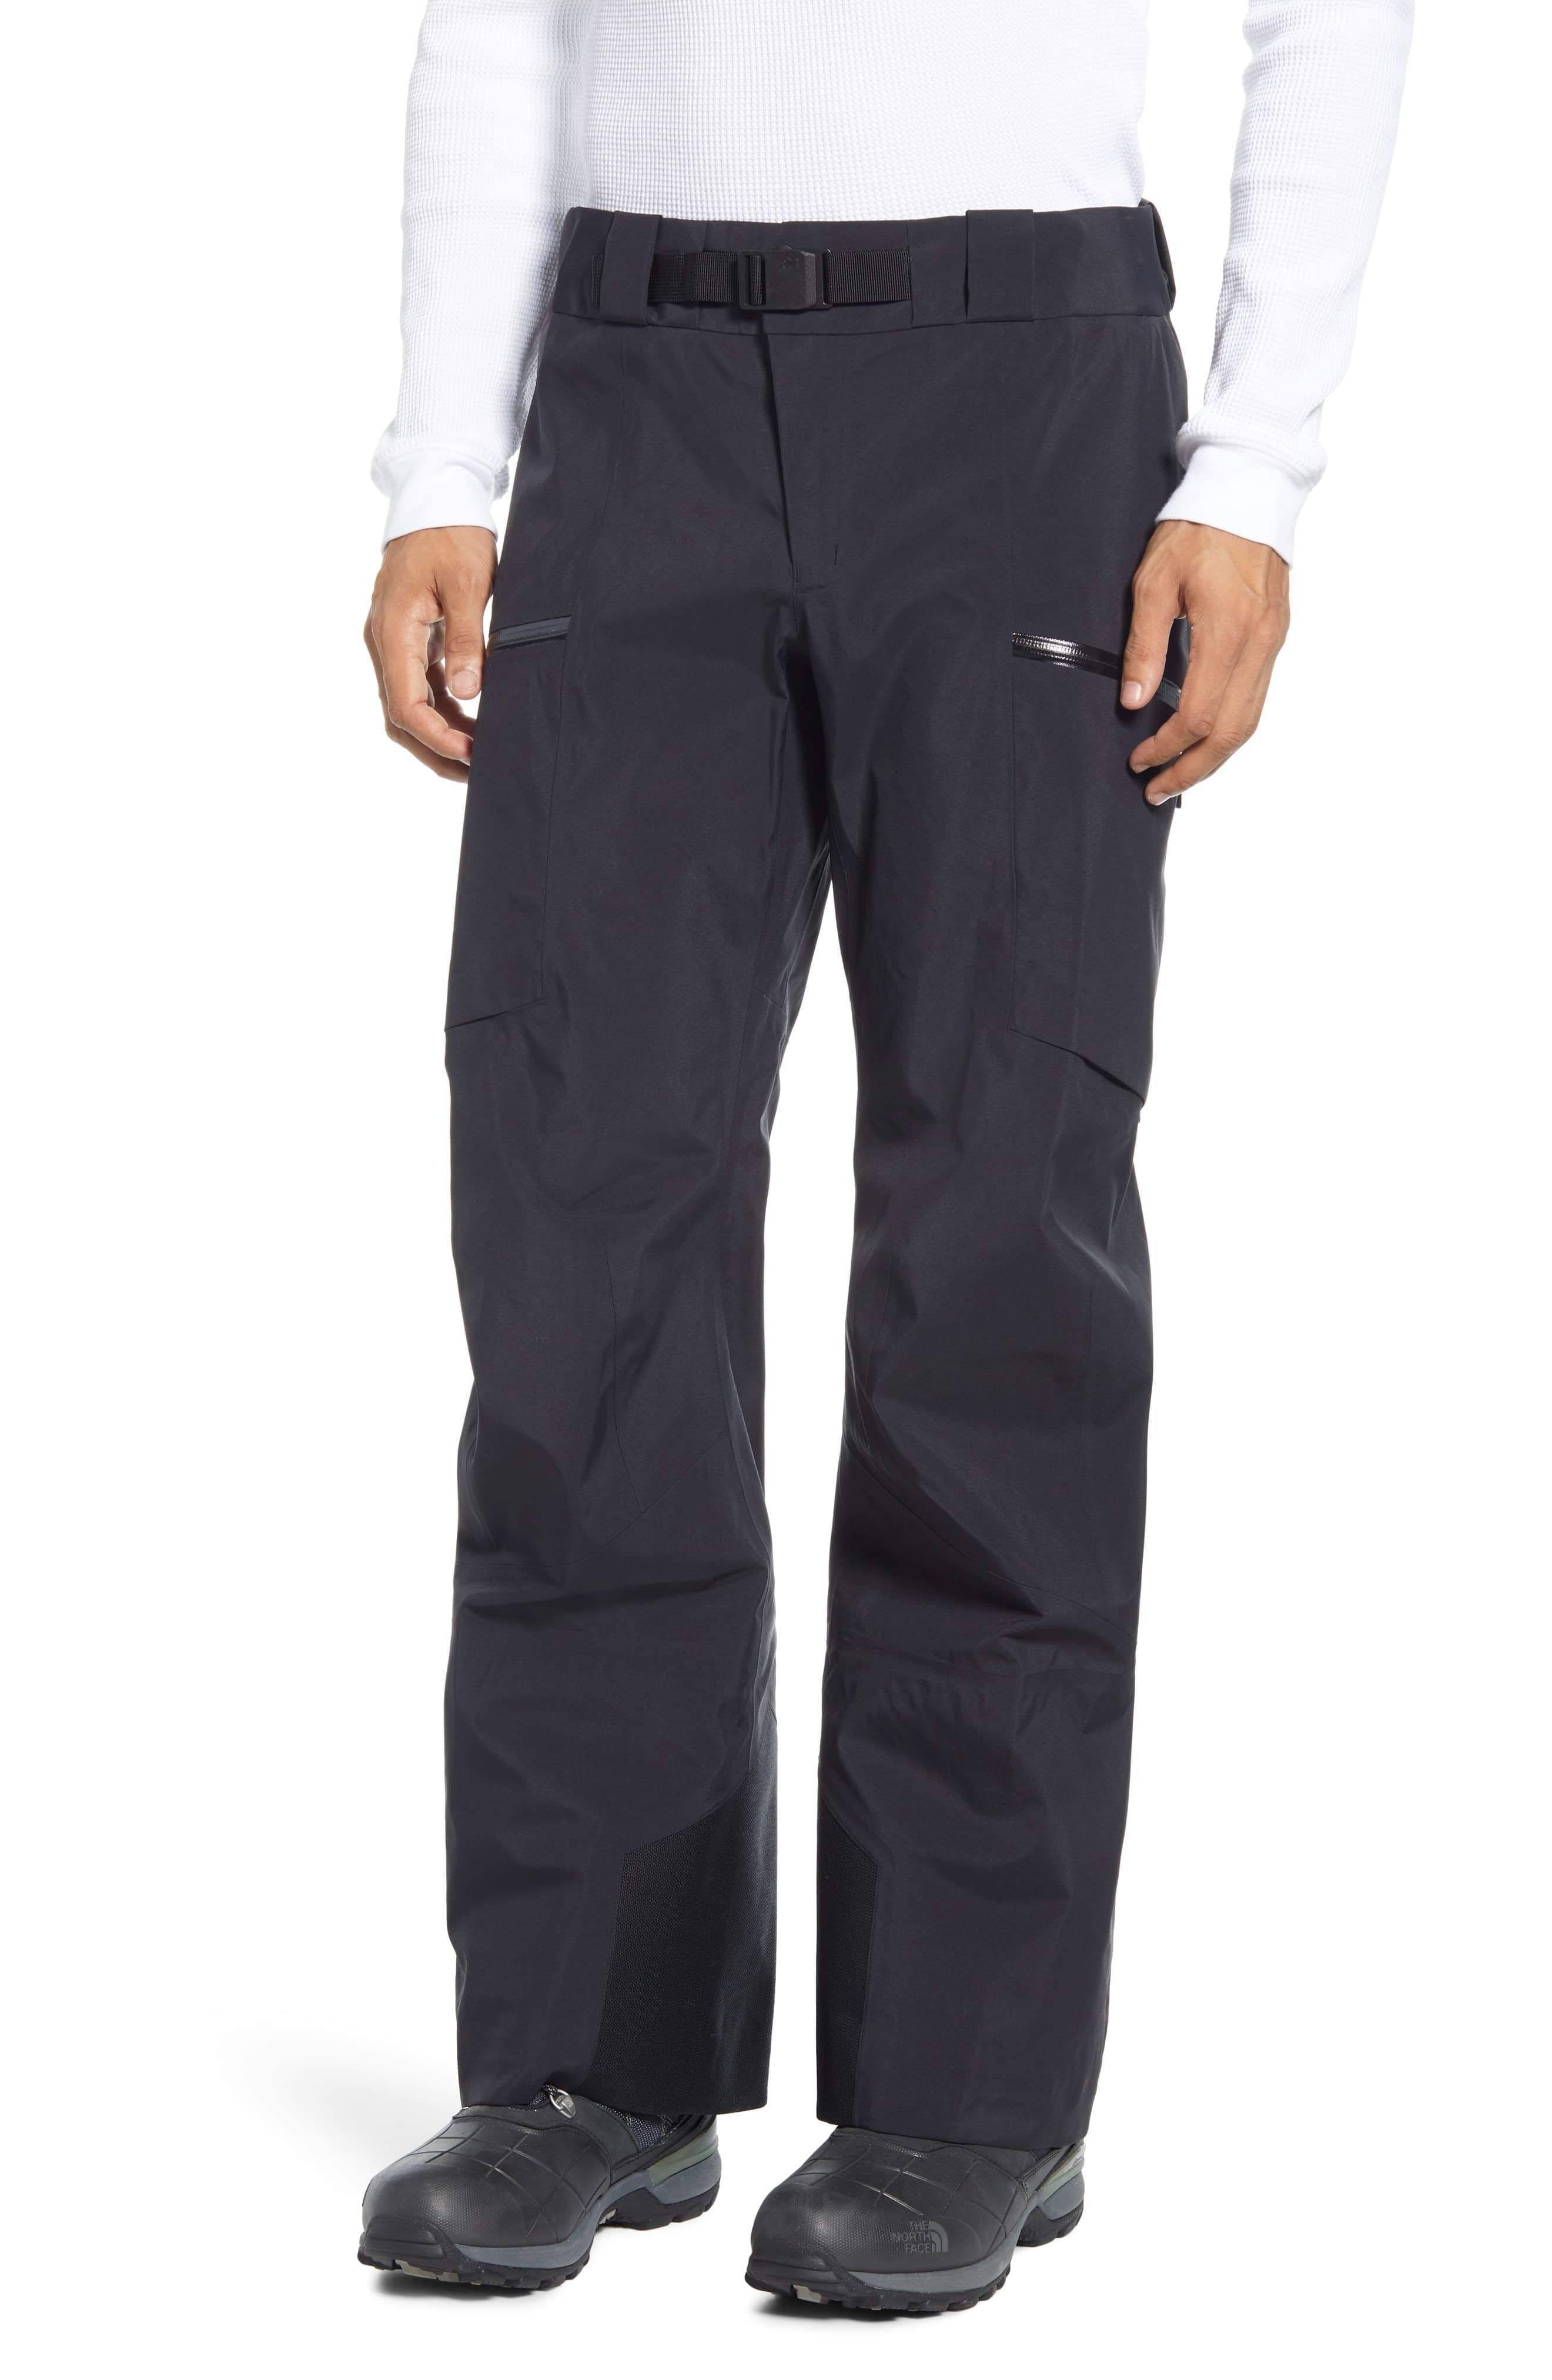 Arc'teryx Men's Sabre AR Pant Black XL